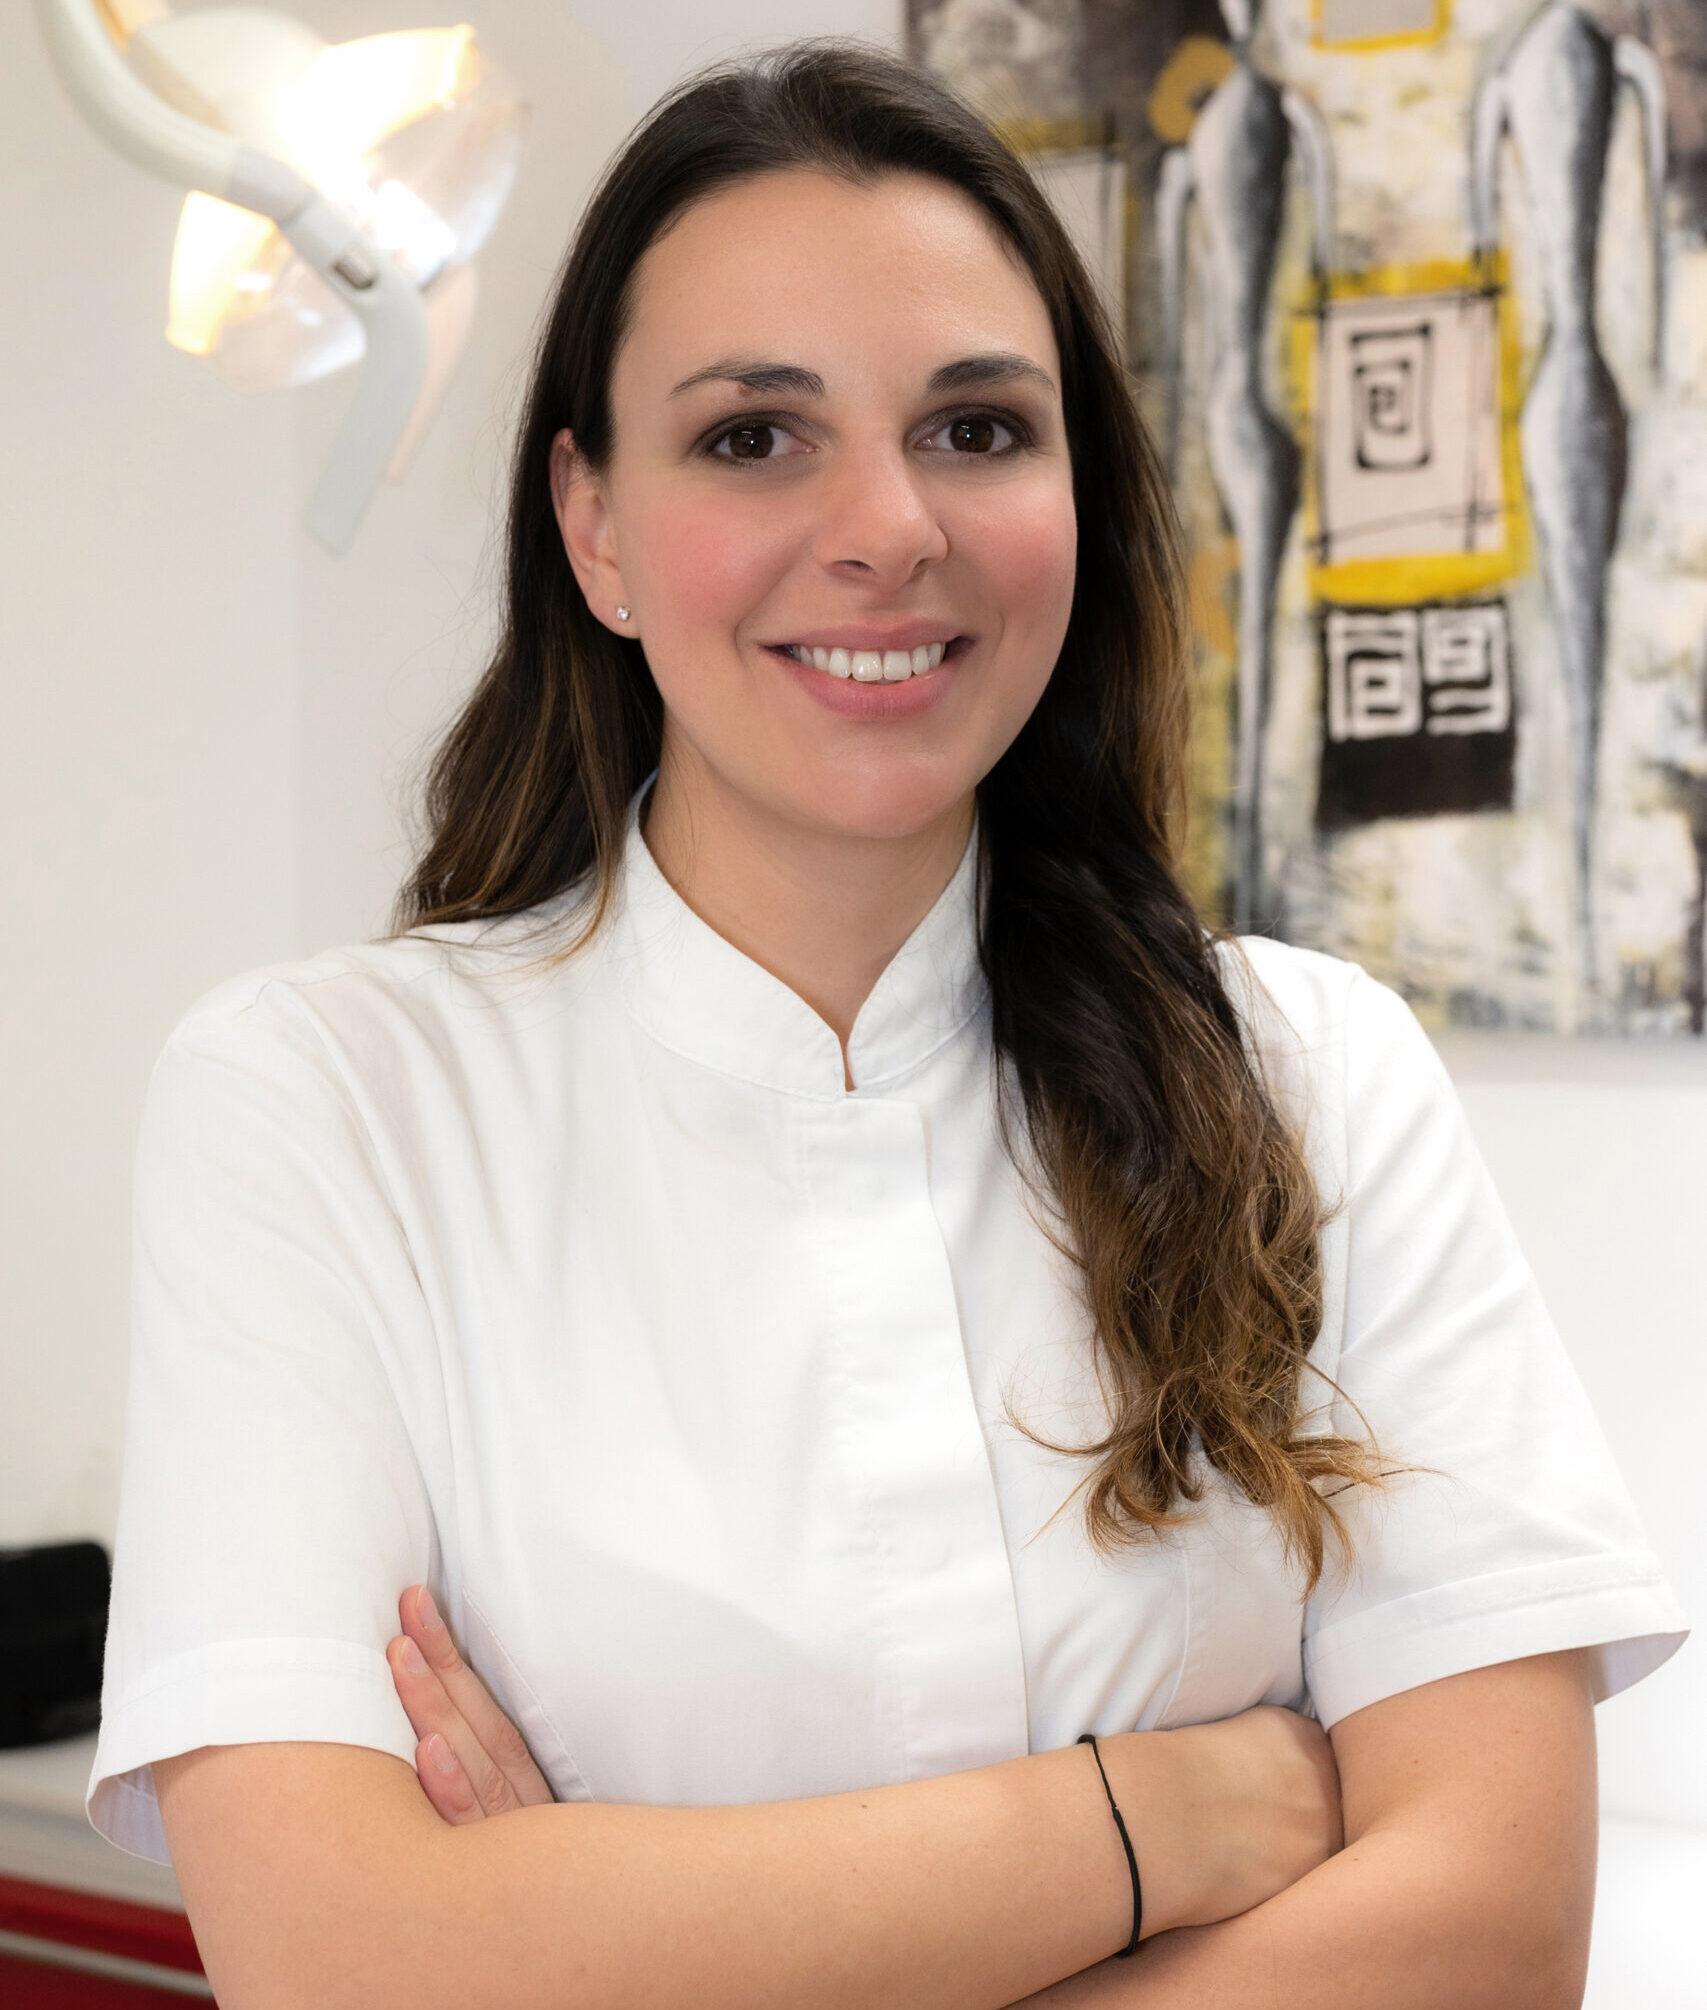 Dott.ssa Rosamaria Fastuca